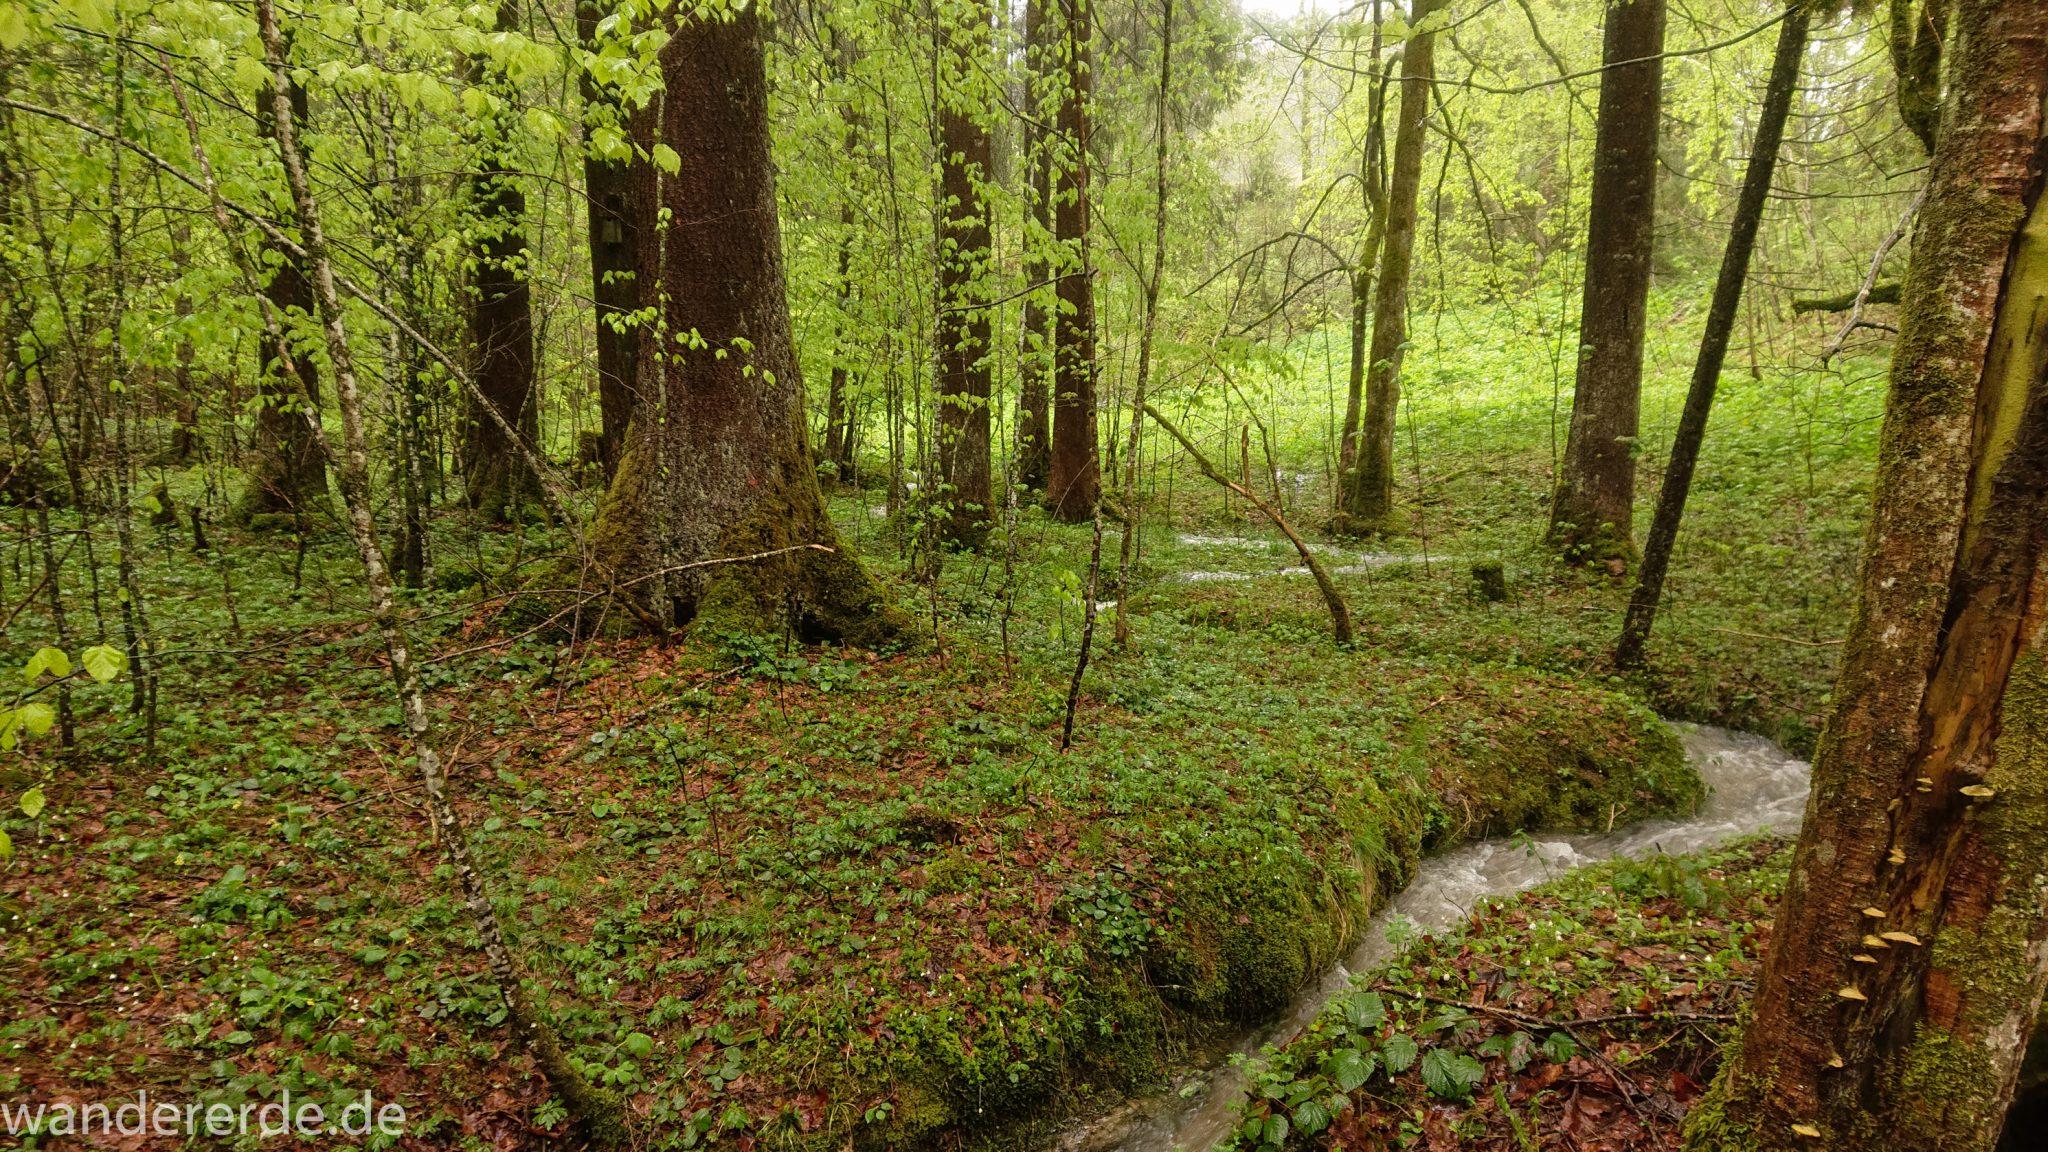 Wanderung Tobelweg ab Gunzesried im Allgäu, Ostertal Tobelweg ab Wanderparkplatz Gunzesrieder Säge wandern, abwechslungsreicher schmaler Pfad zum Ostertal, umgeben von Felsen und schönem, dichtem Mischwald, kleiner Gebirgsbach